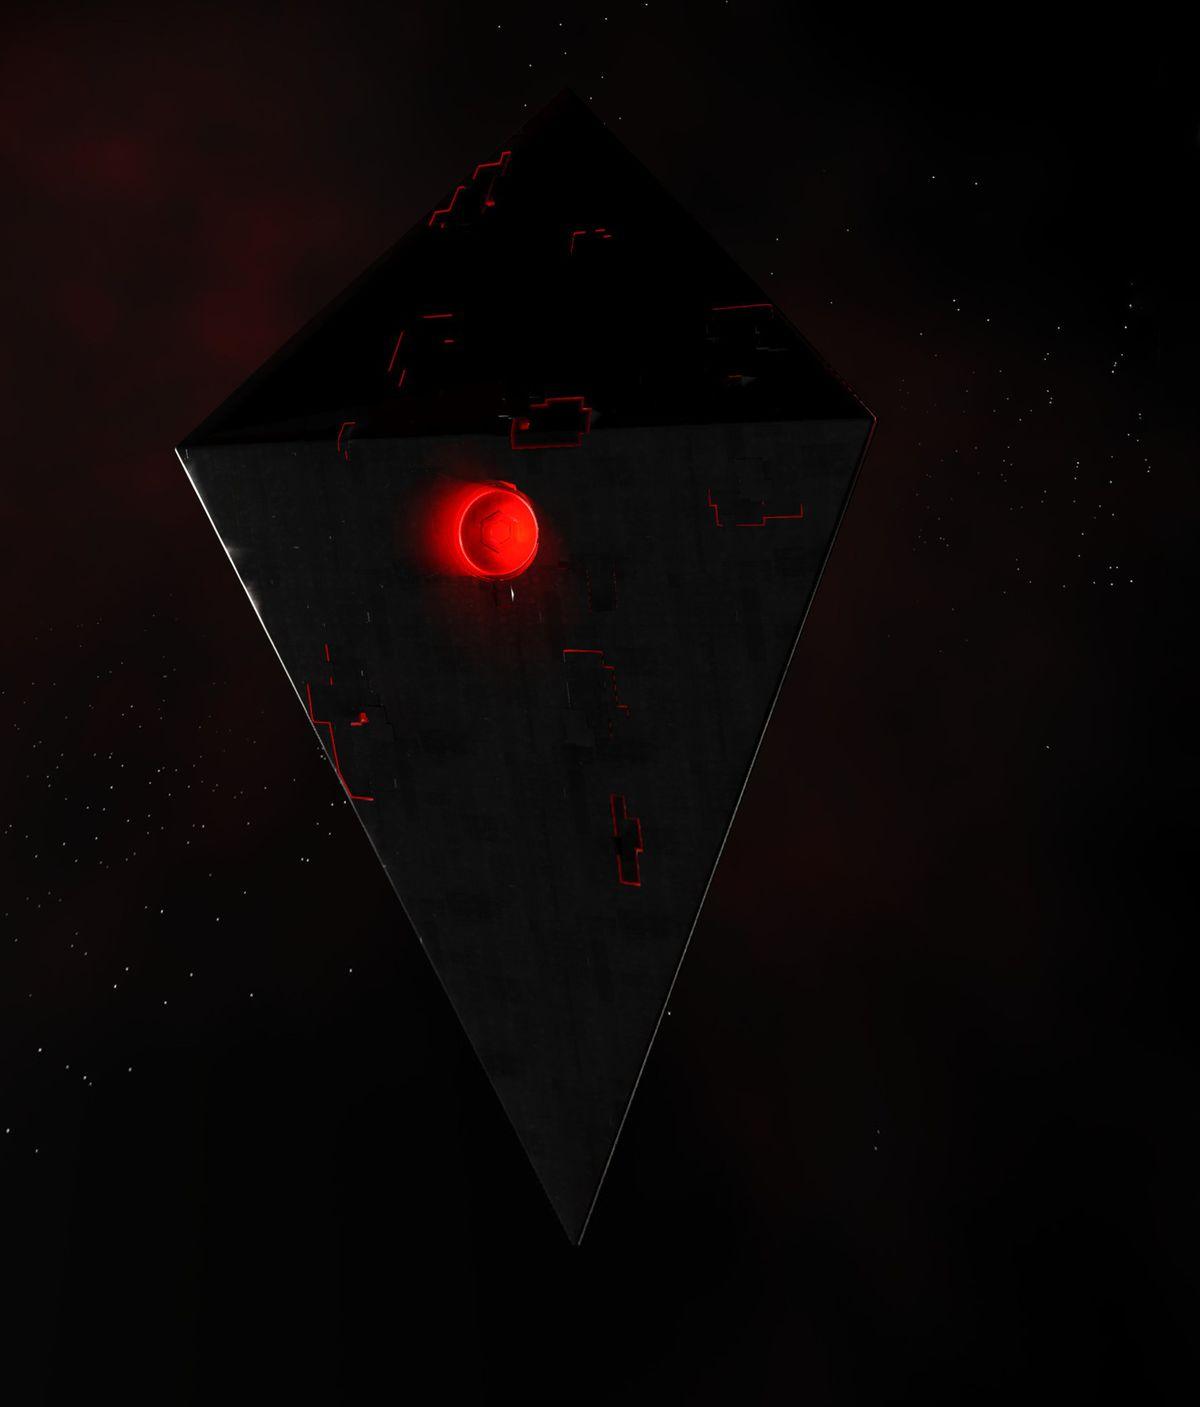 https://gamepedia.cursecdn.com/nomanssky_gamepedia/thumb/8/8e/NMSAtlas.jpg/1200px-NMSAtlas.jpg